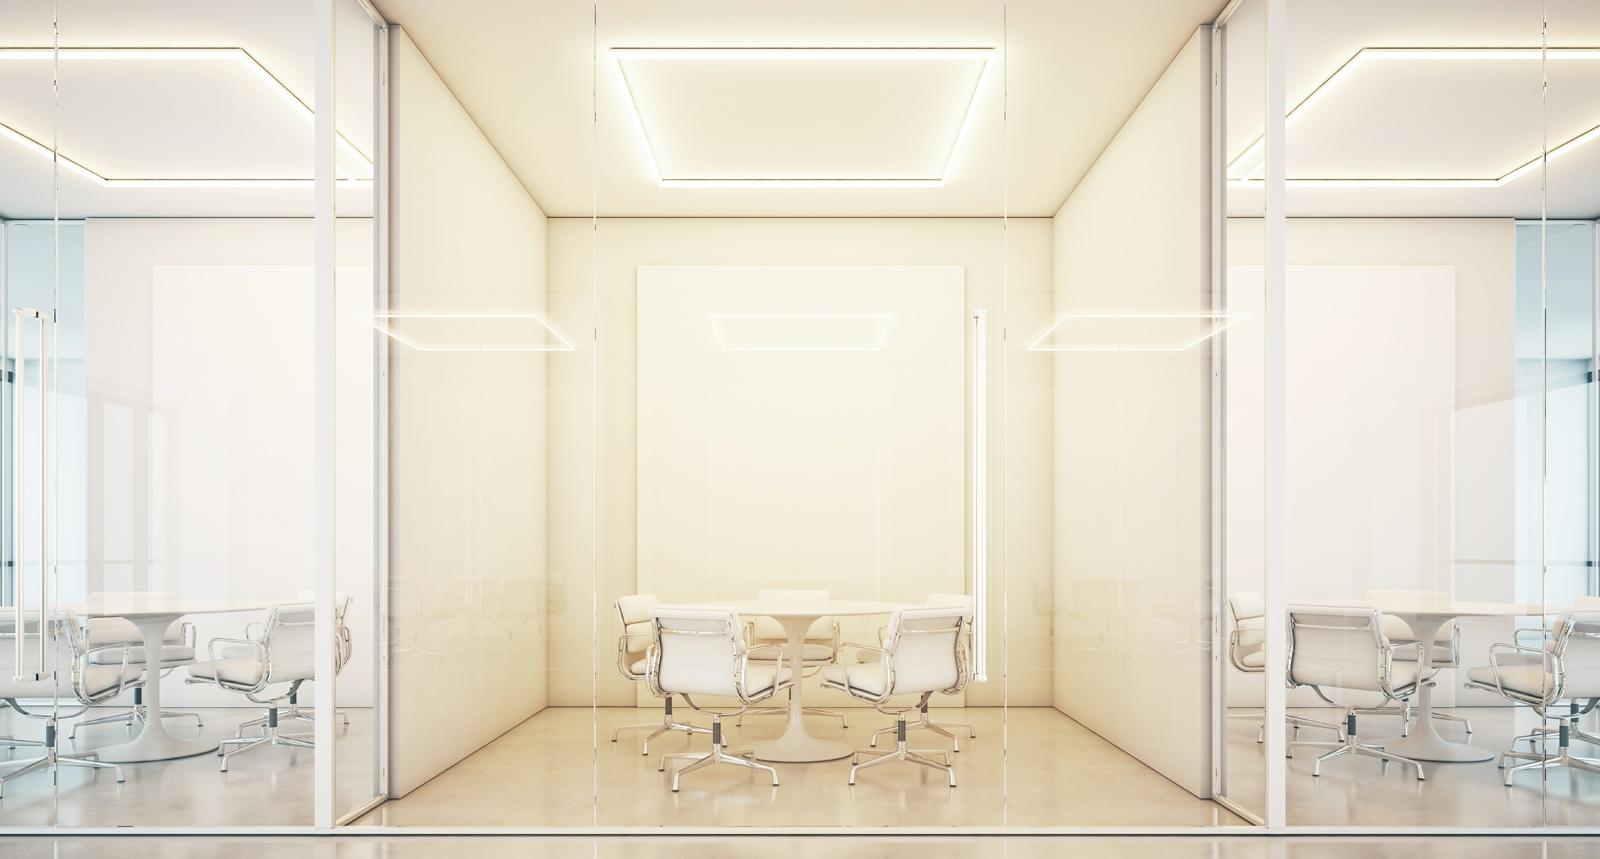 bigstock-Contemporary-Office-Interior-73275004.jpg